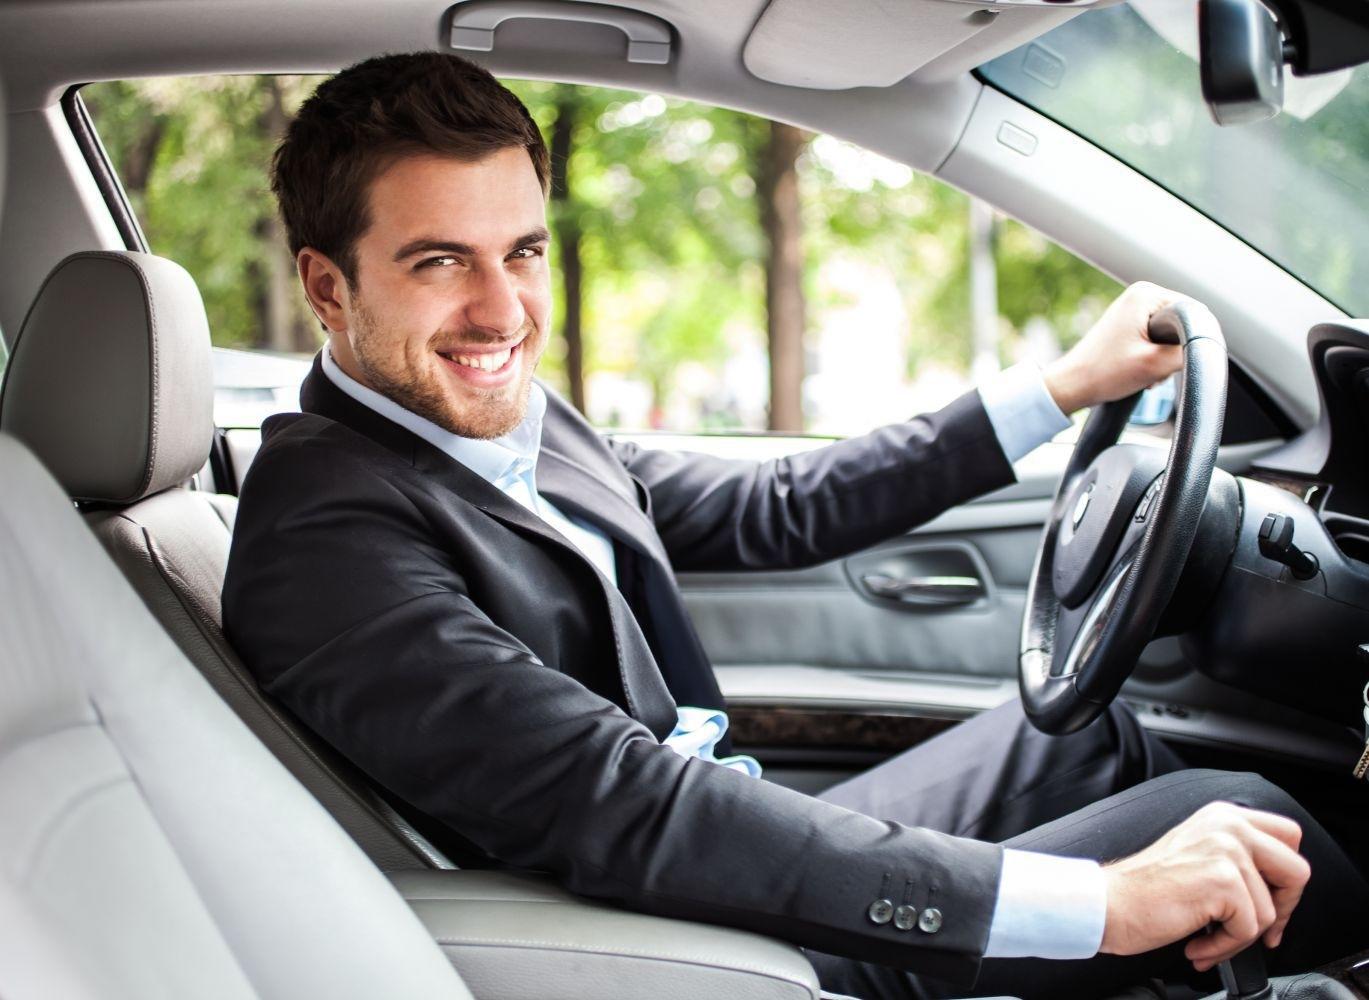 Картинки с водителями и машинами